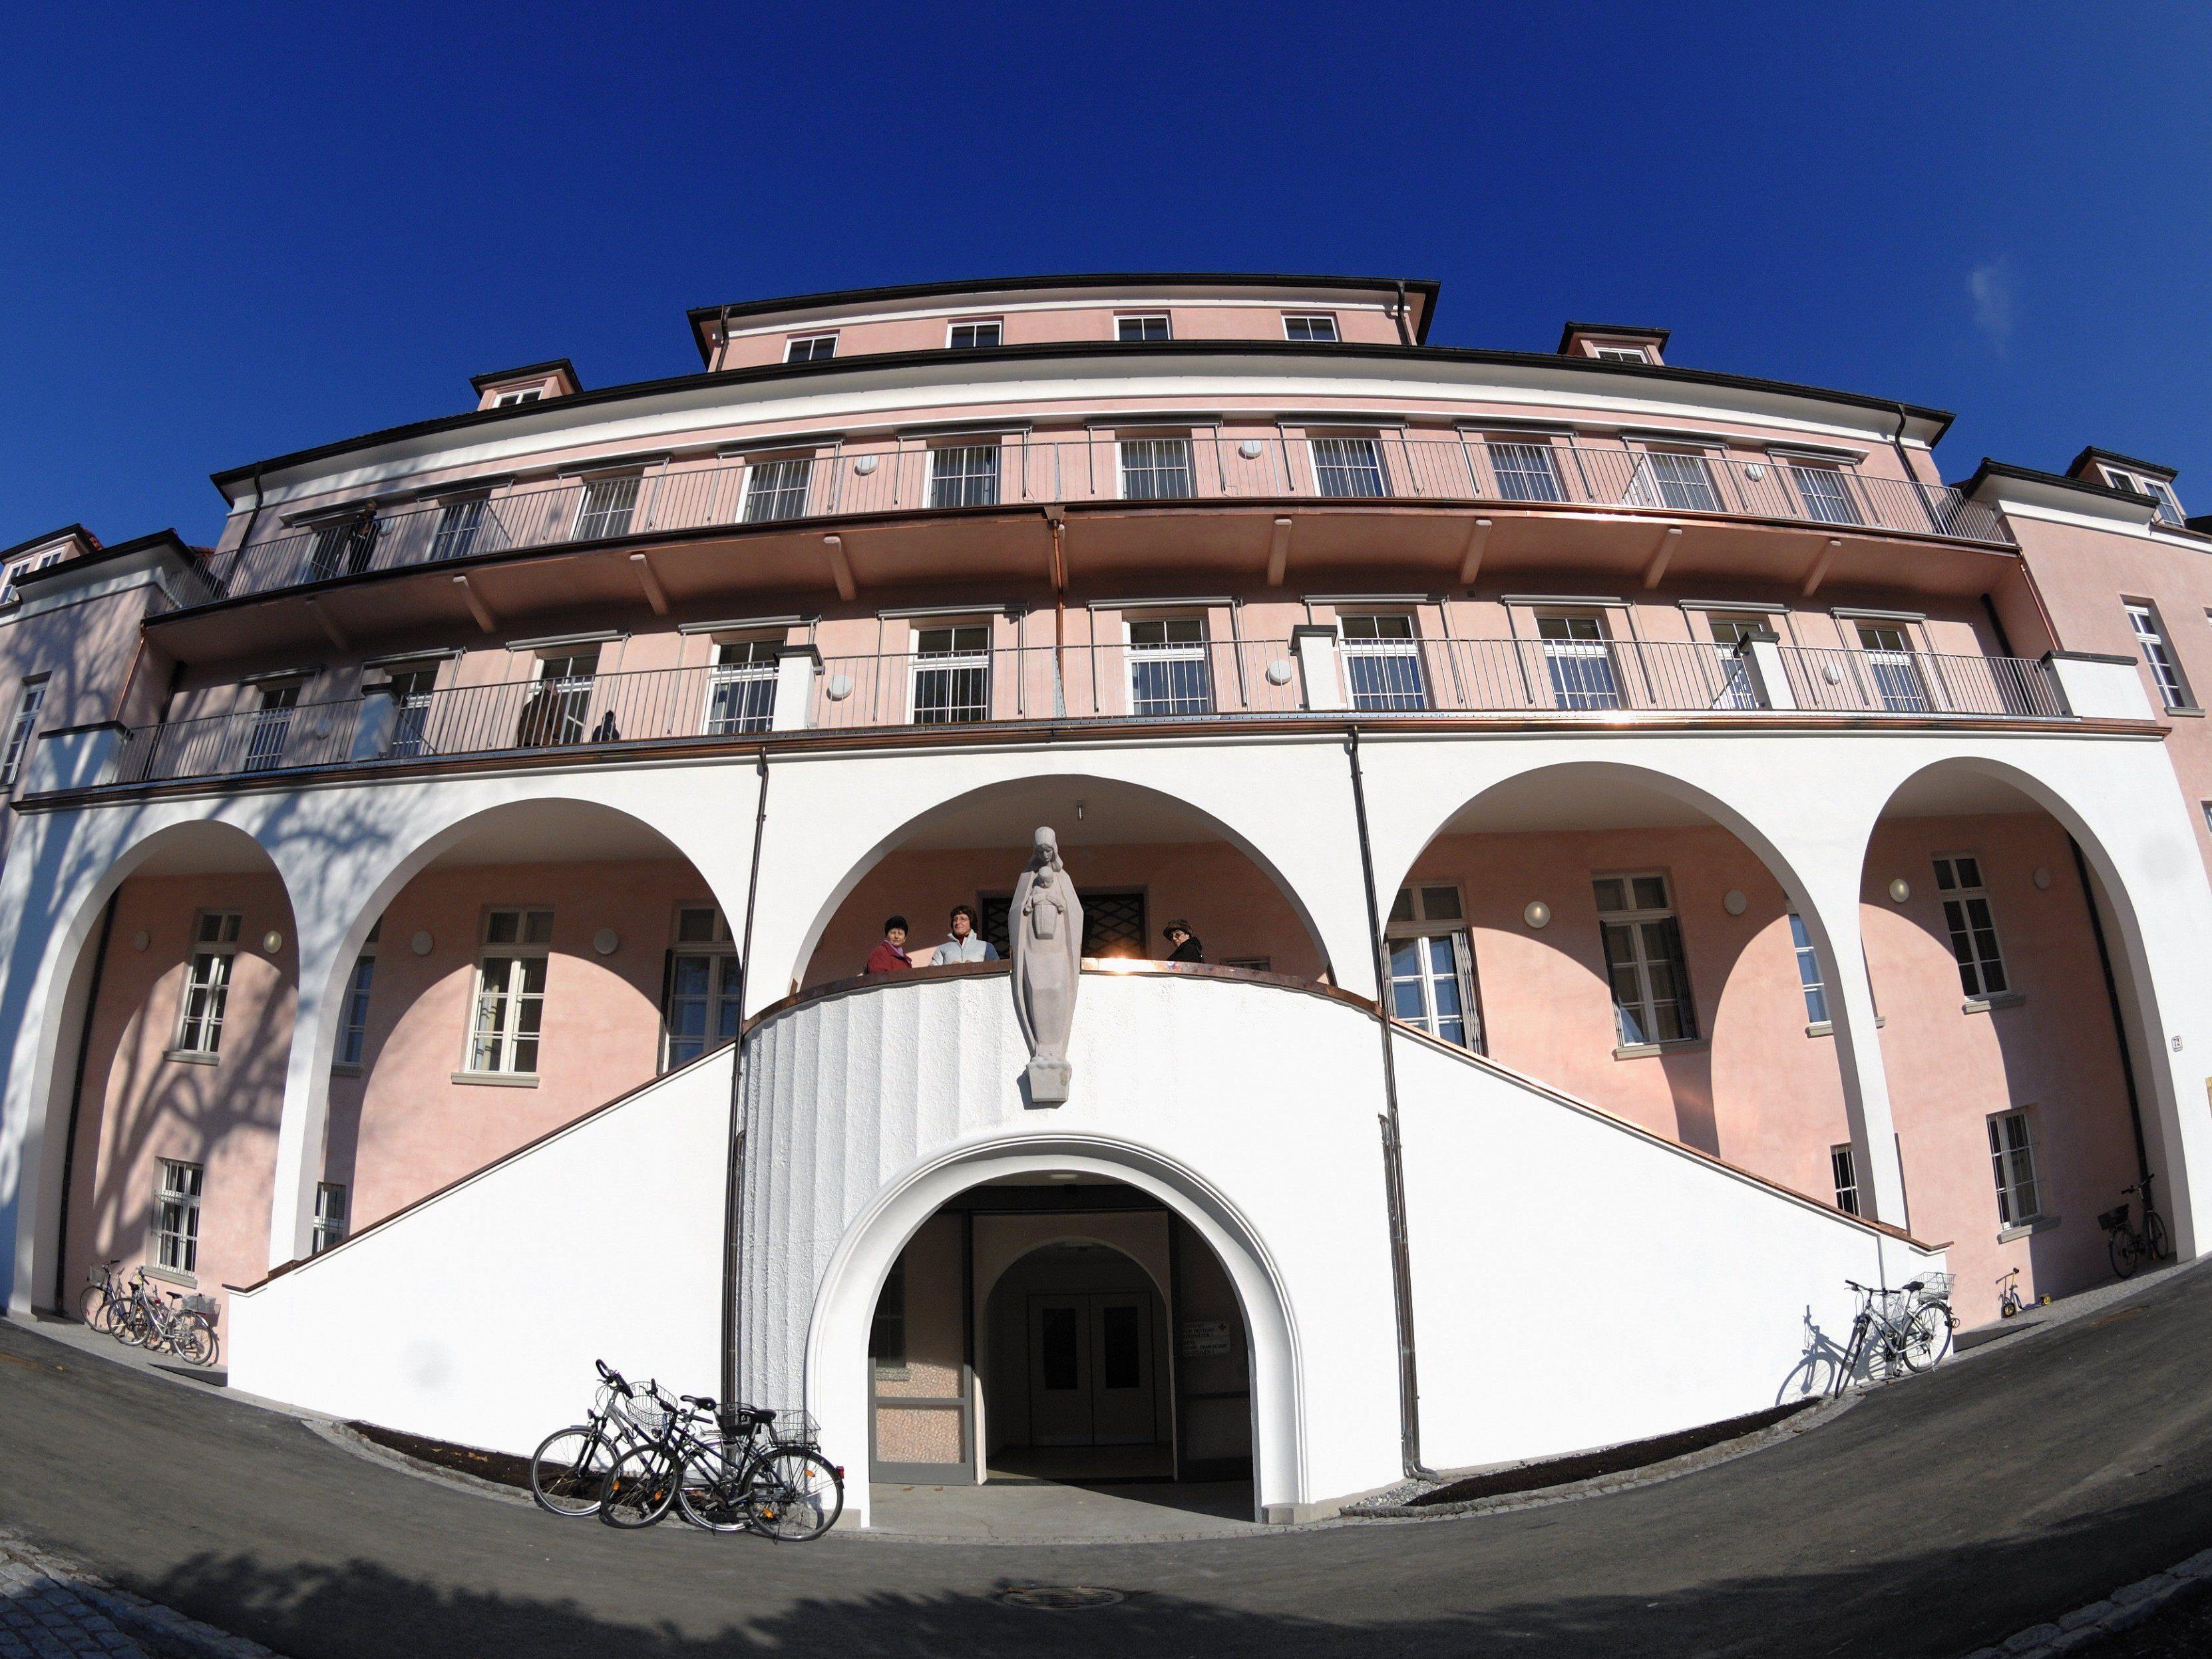 Das Sanatorium Mehrerau war vor allem bei Patienten sehr beliebt. Angeblich soll es aber in der jetzigen Form nicht mehr zeitgemäß sein.